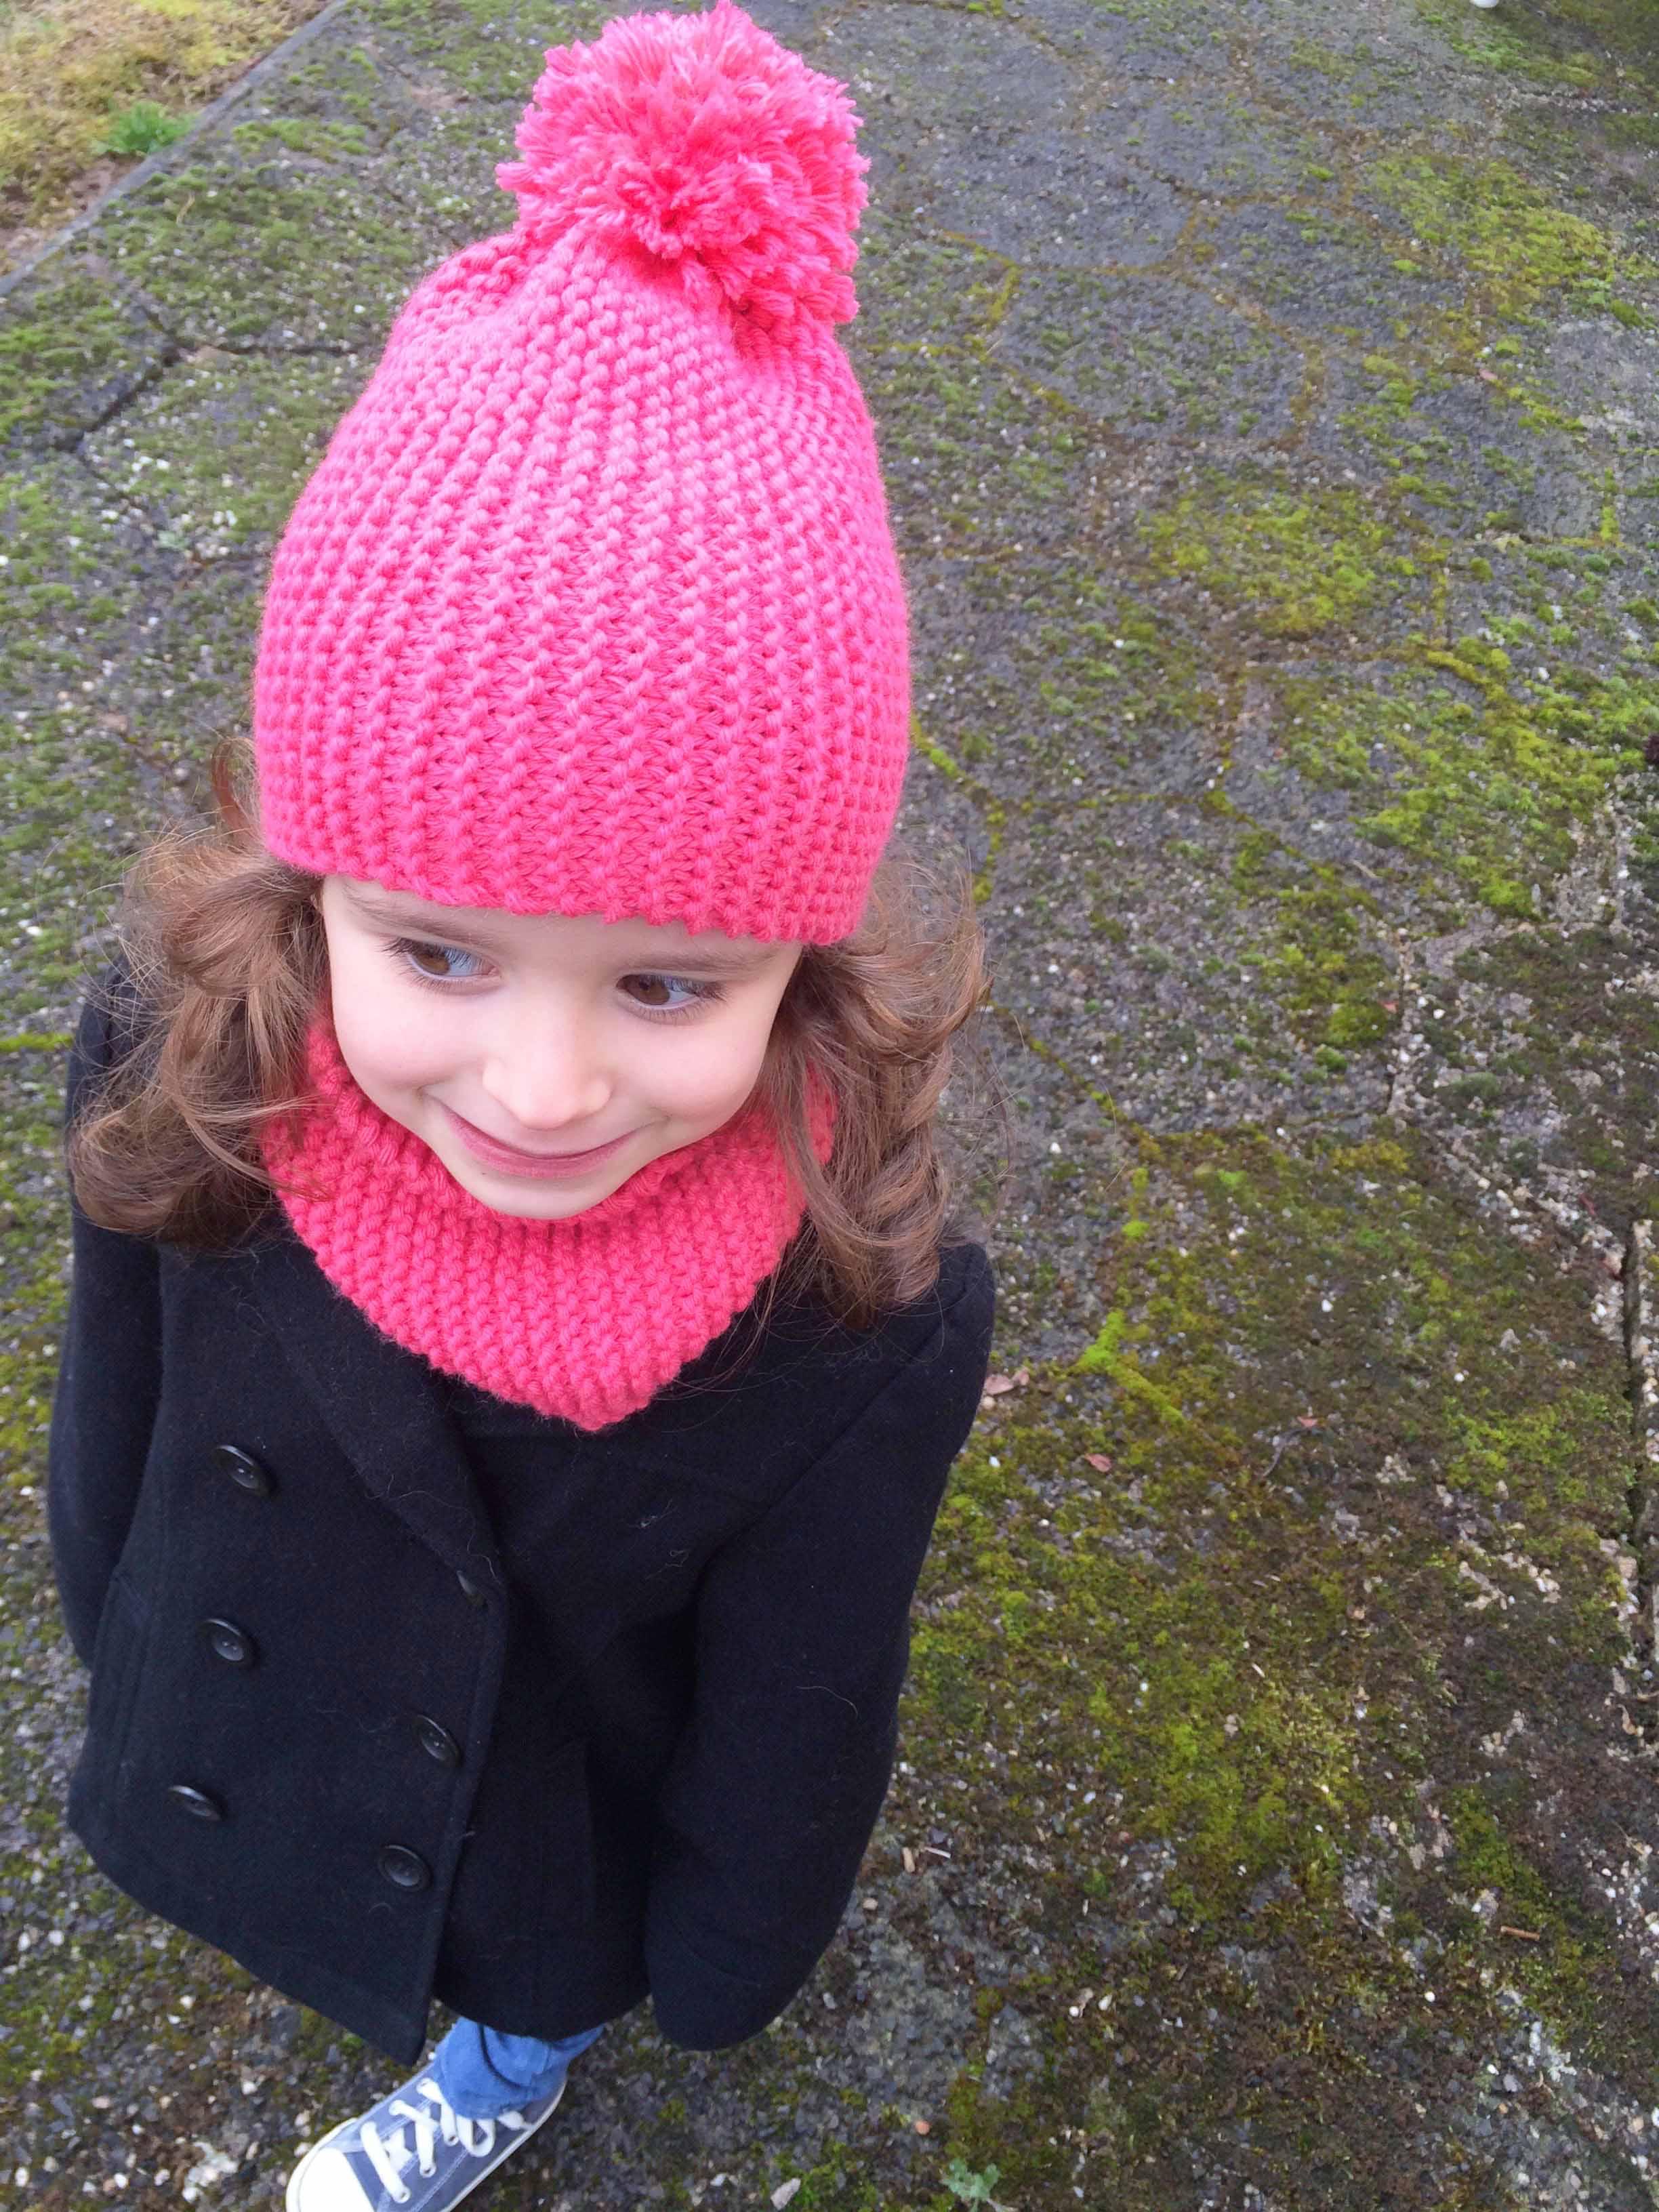 Tricoter bonnet garcon 10 ans - Idées de tricot gratuit ea5559ac0fc